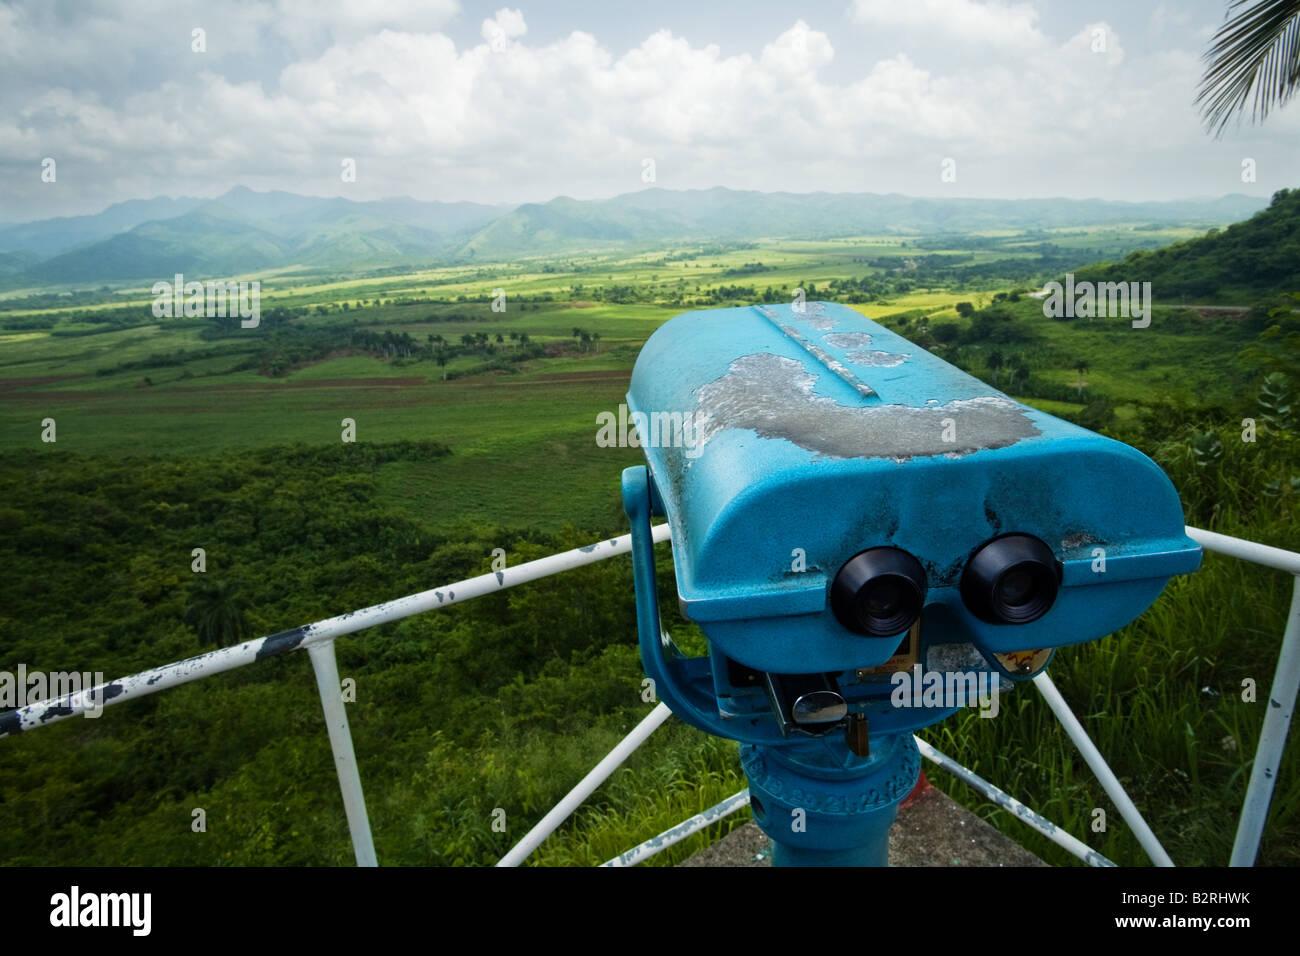 Mirador y binoculares en el mirador con vistas a la Valle de los Ingenios una antigua zona productora de azúcar cerca de Trinidad, Cuba Foto de stock